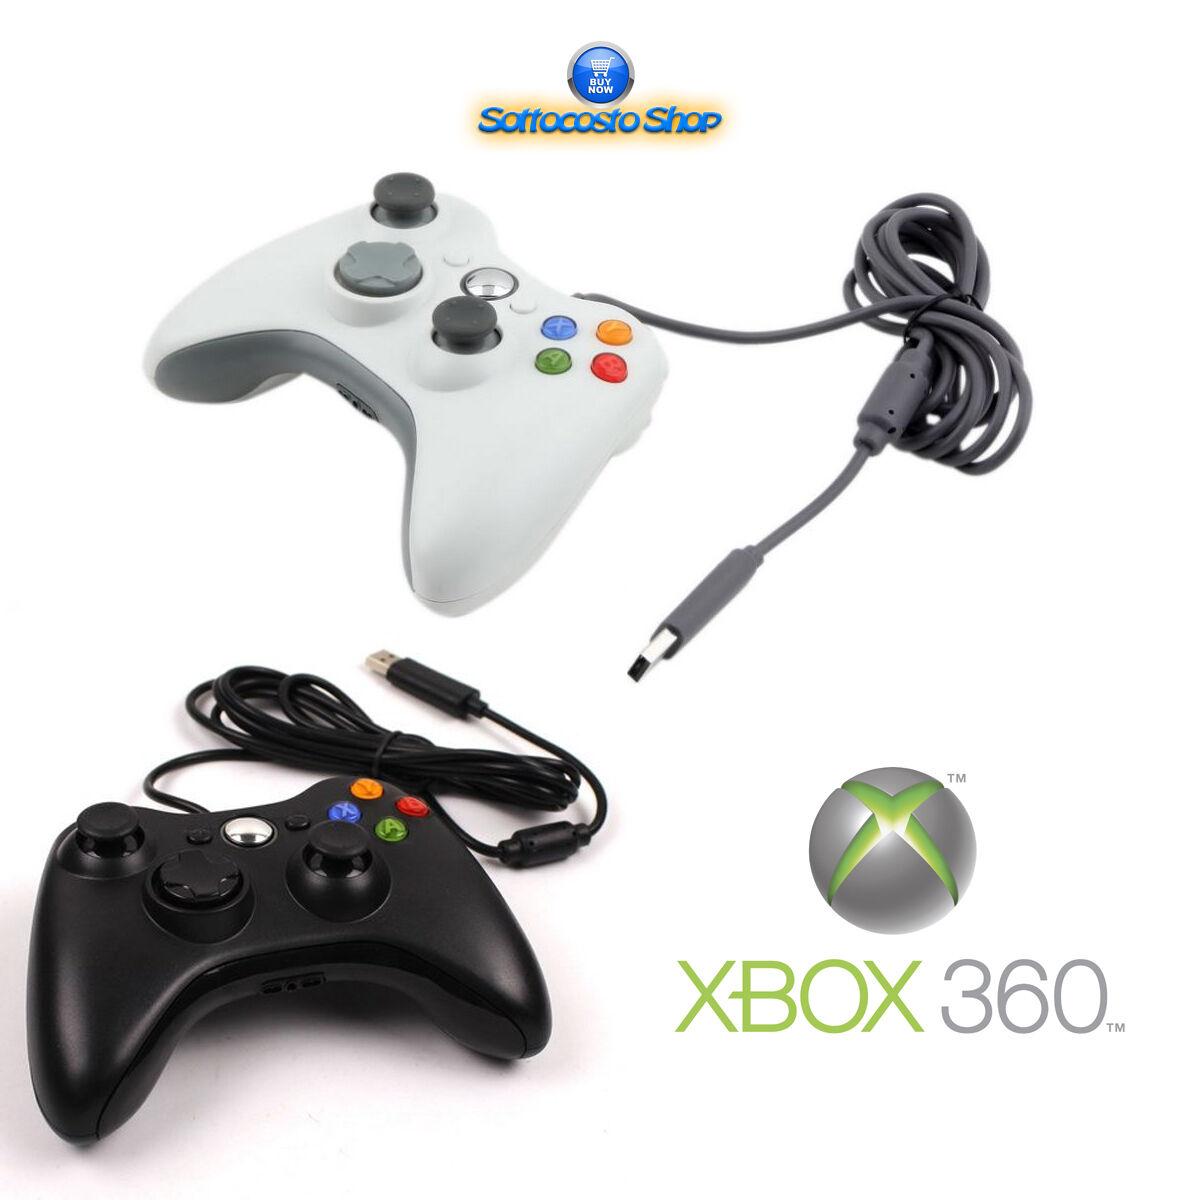 CONTROLLER XBOX 360 JOYSTICK PAD COMPATIBILE PER CONSOLE PC CON CAVO USB BIANCO